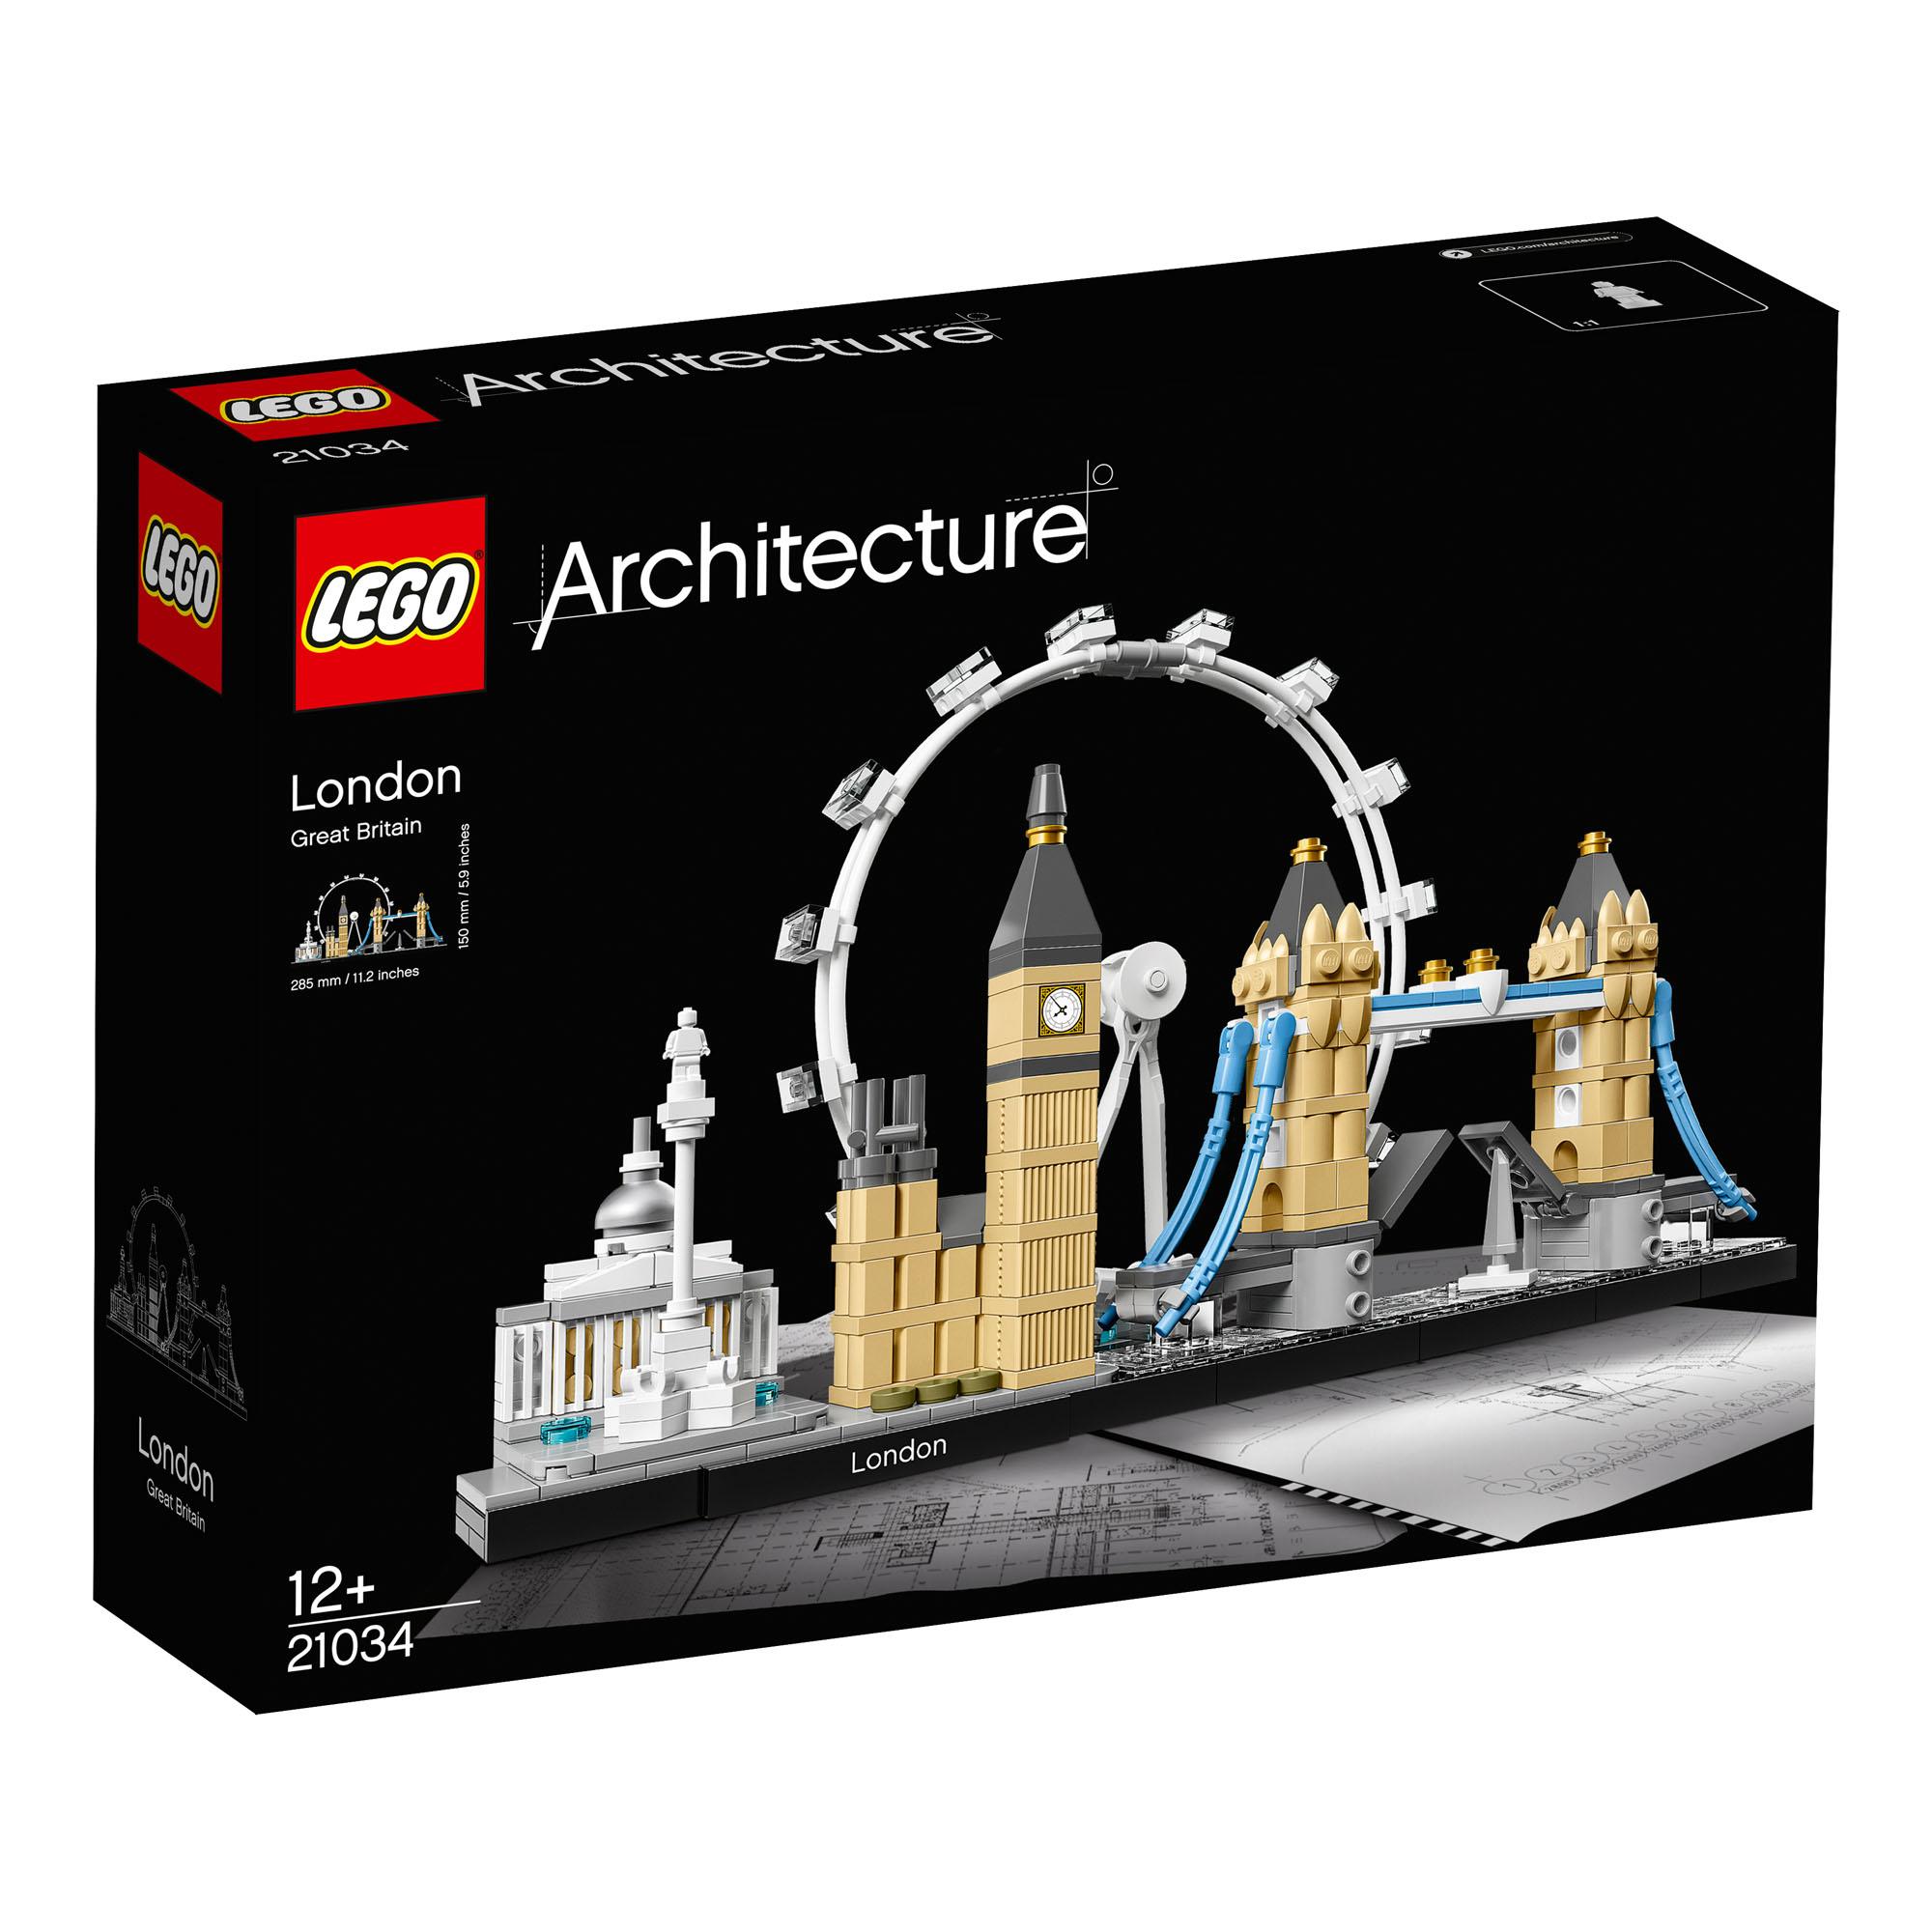 21034 LEGO Architecture London Landmarks 468 Pieces Age 12 Baukästen & Konstruktion LEGO Bausteine & Bauzubehör New for 2017!